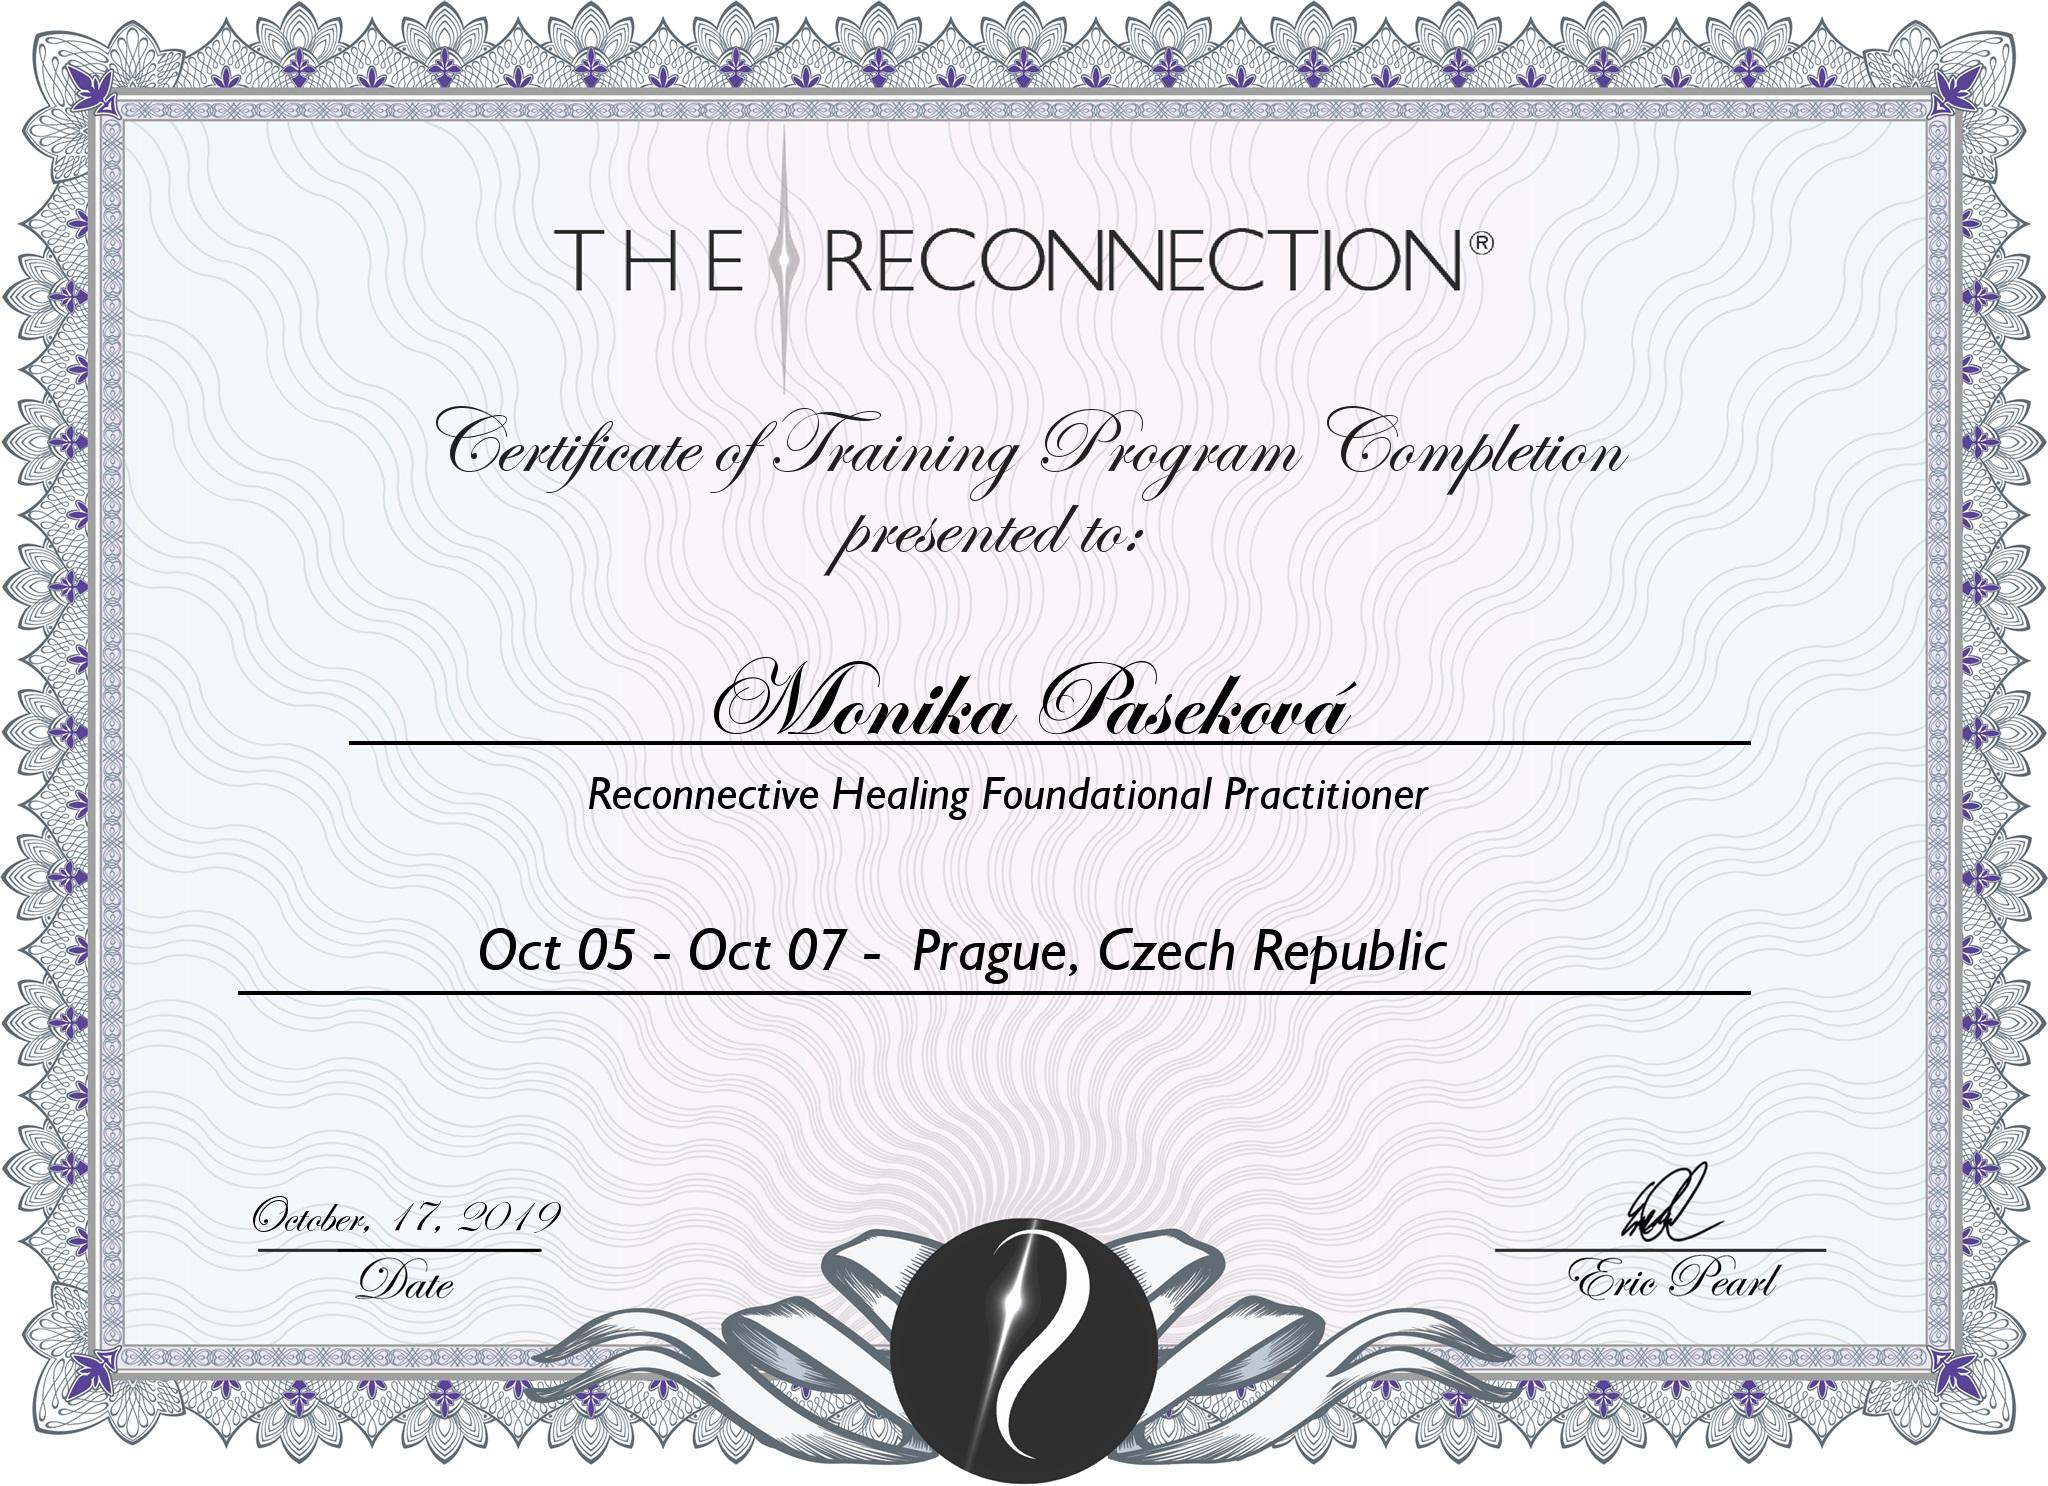 Mezinárodní certifikát